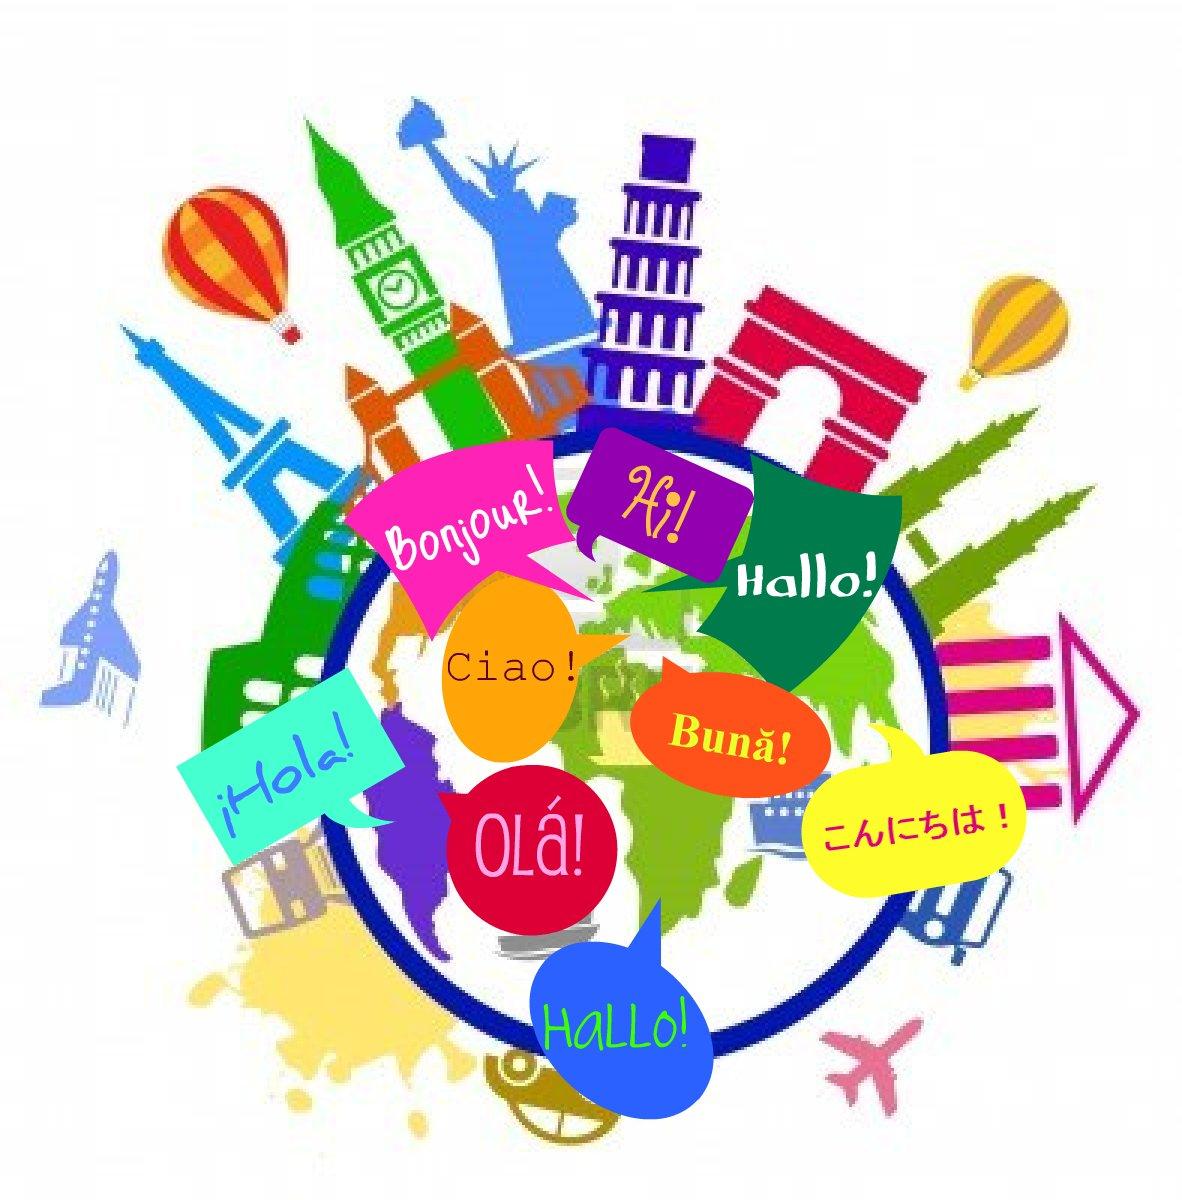 Los idiomas m s estudiados en europa kells school - Como estudiar ingles en casa ...